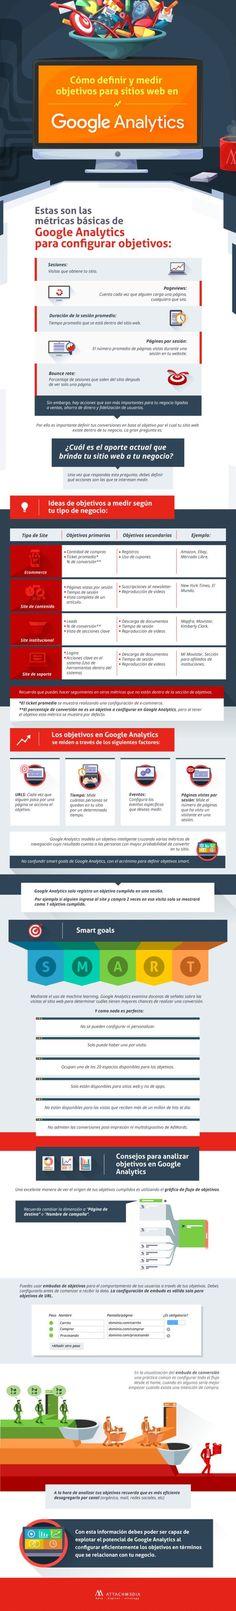 Cómo definir y medir objetivos para sitios web en Google Analytics. Infografía en español. #CommunityManager #Marketing #arteparaempresa